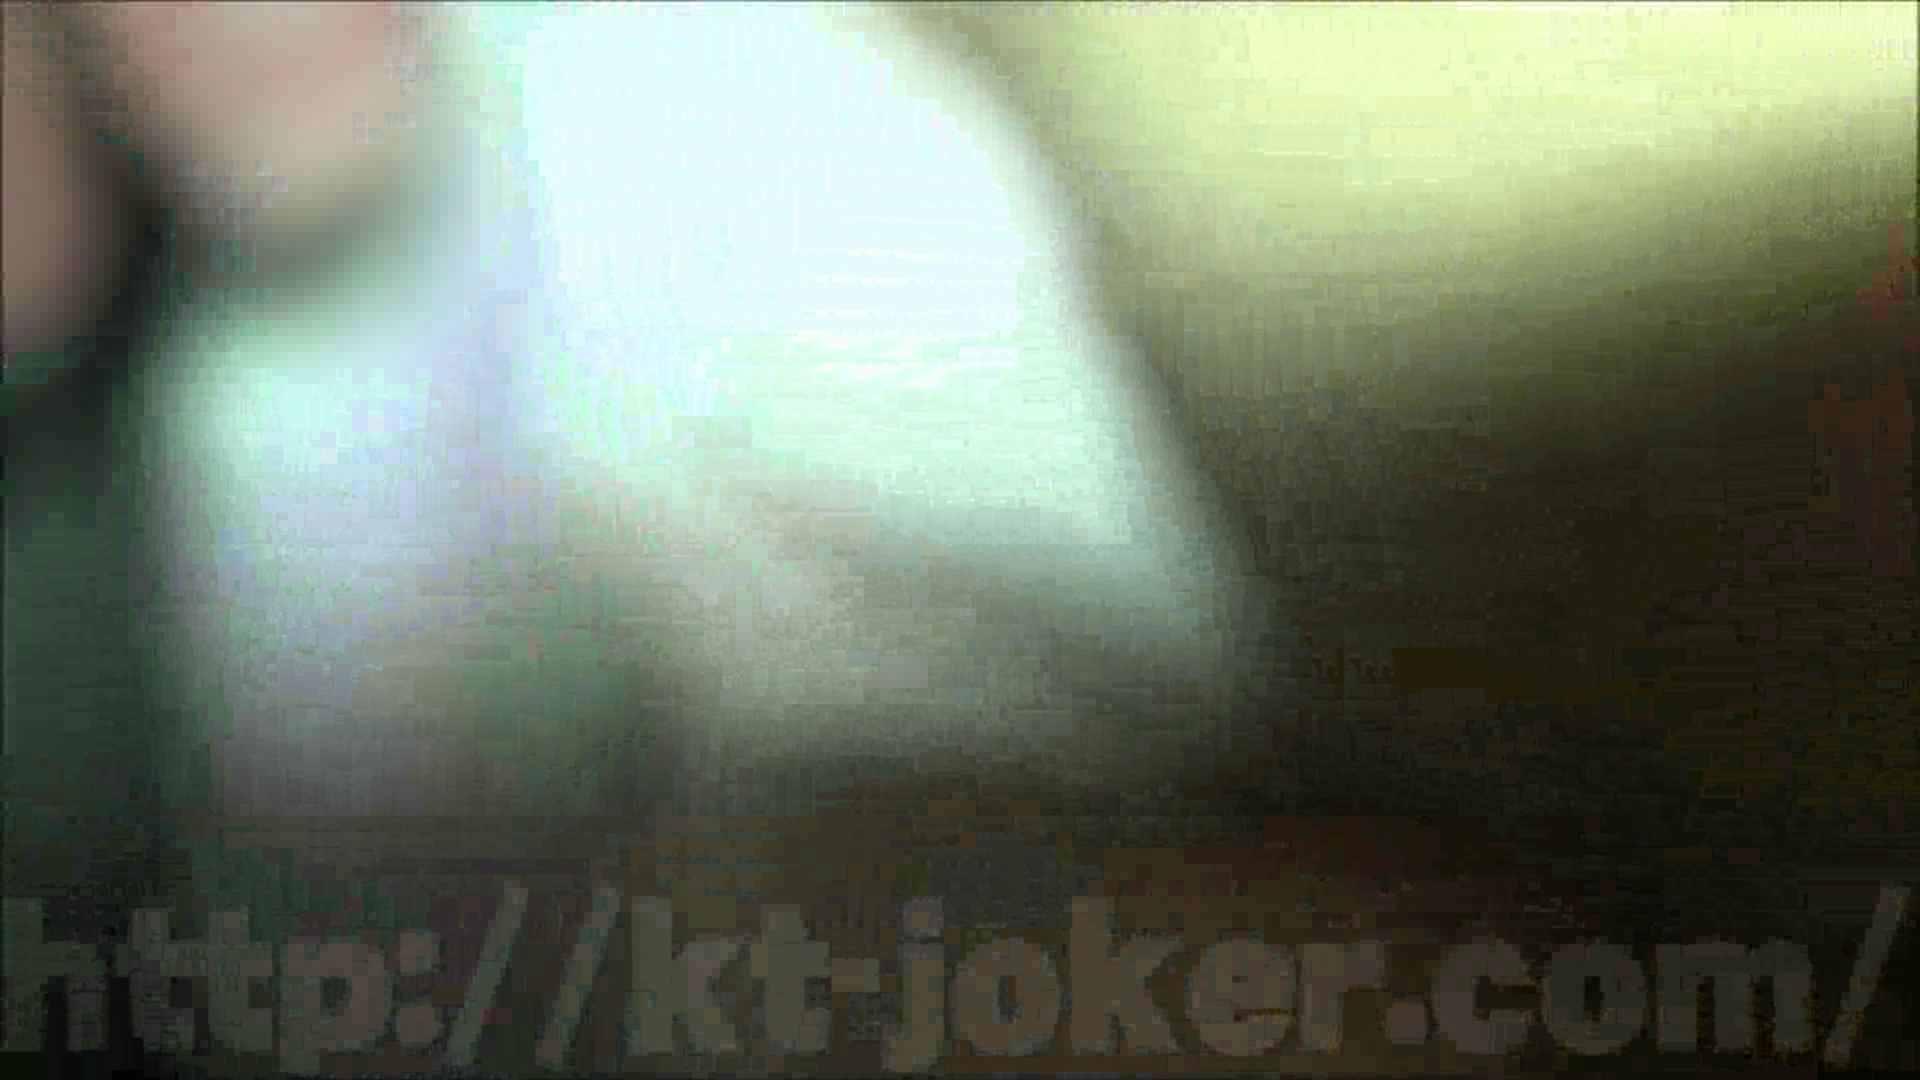 イ・タ・ズ・ラ劇場 Vol.42 美しいOLの裸体  83pic 12